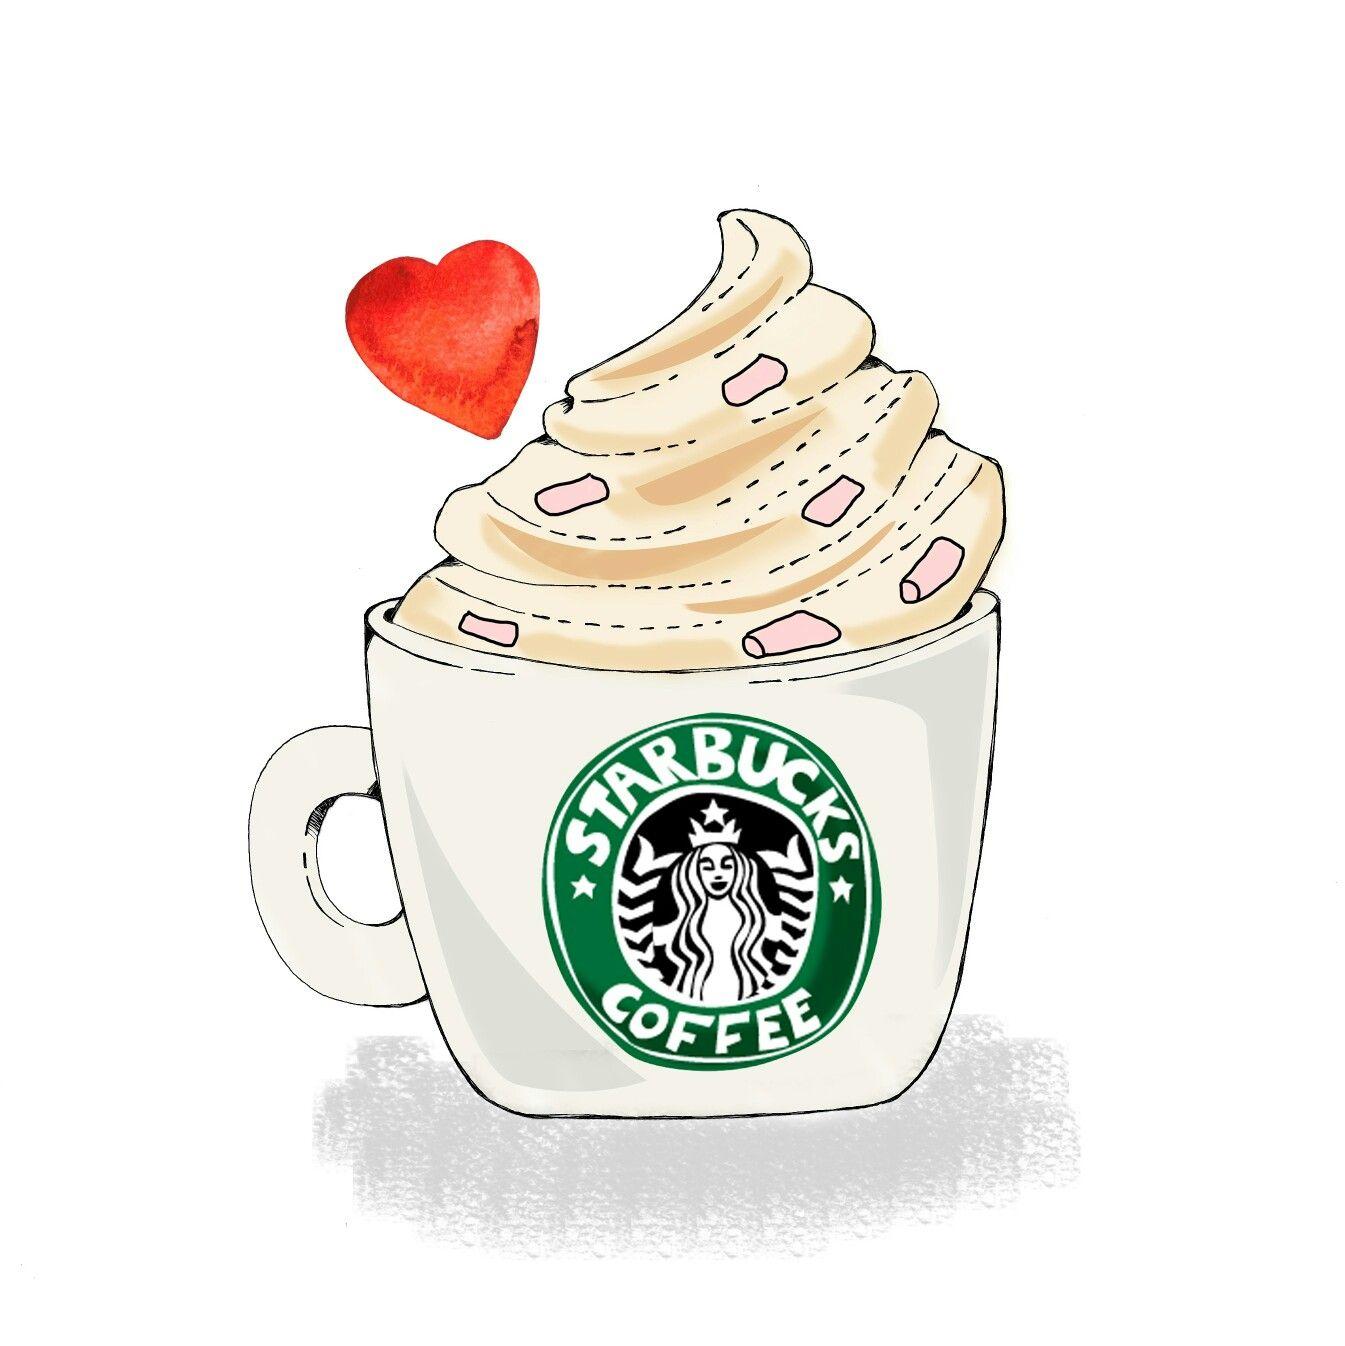 Illustration Chocolat Chaud Au Starbucks Coffee Par Clemlittleworld Clementine Benoliel Clementinebenoliel Com Aquarelle Starbucks Instagram Posts Vintage